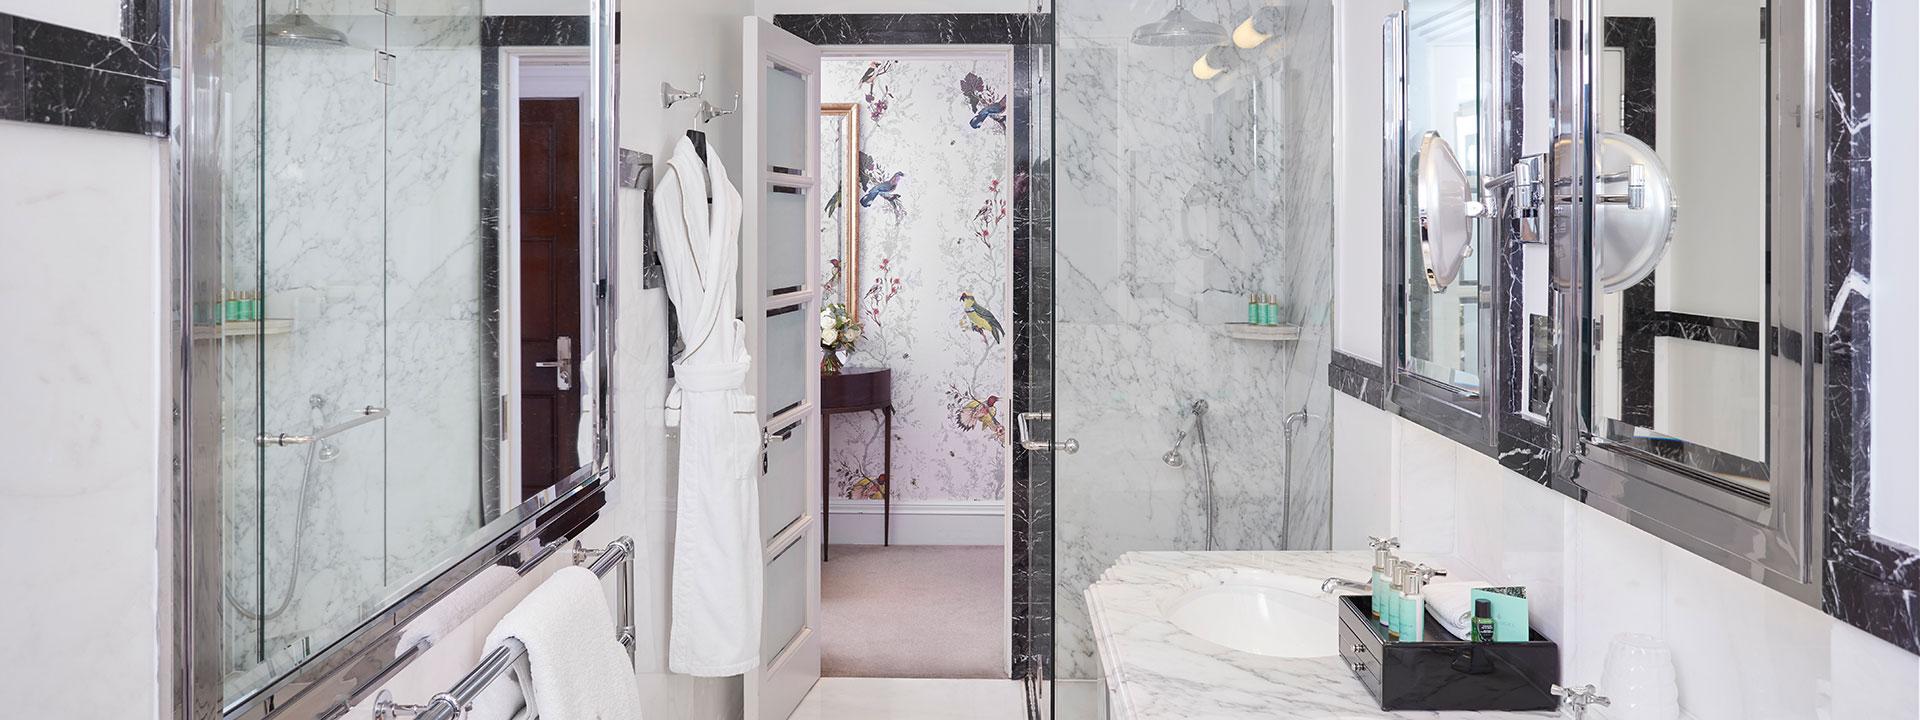 Claridge's King Room Bathroom